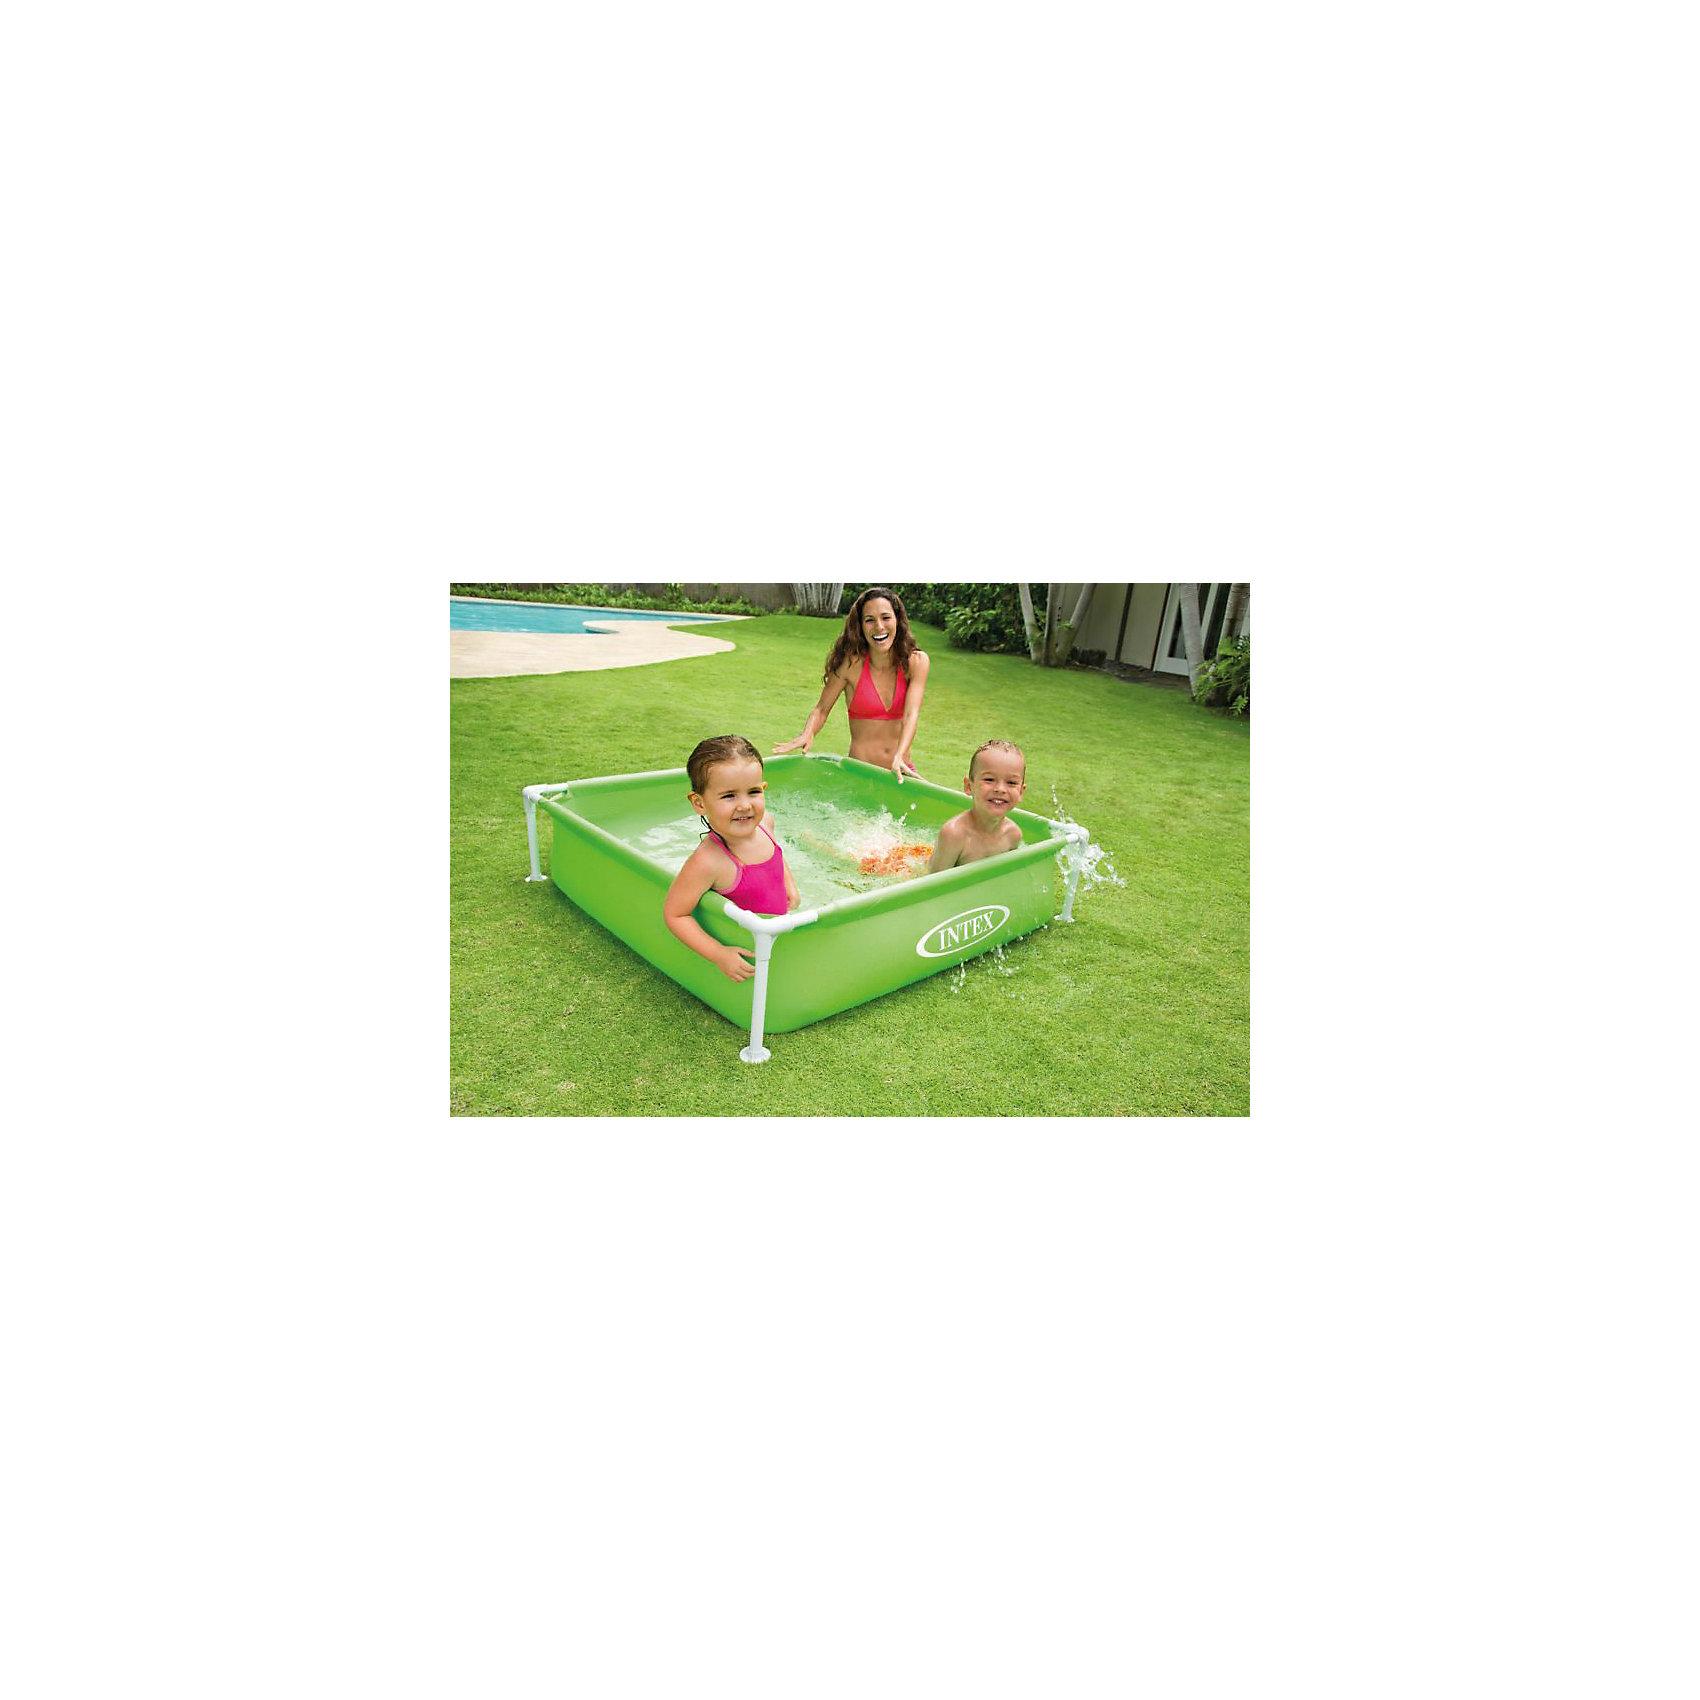 где купить  Intex Каркасный детский бассейн , Intex, зеленый  по лучшей цене